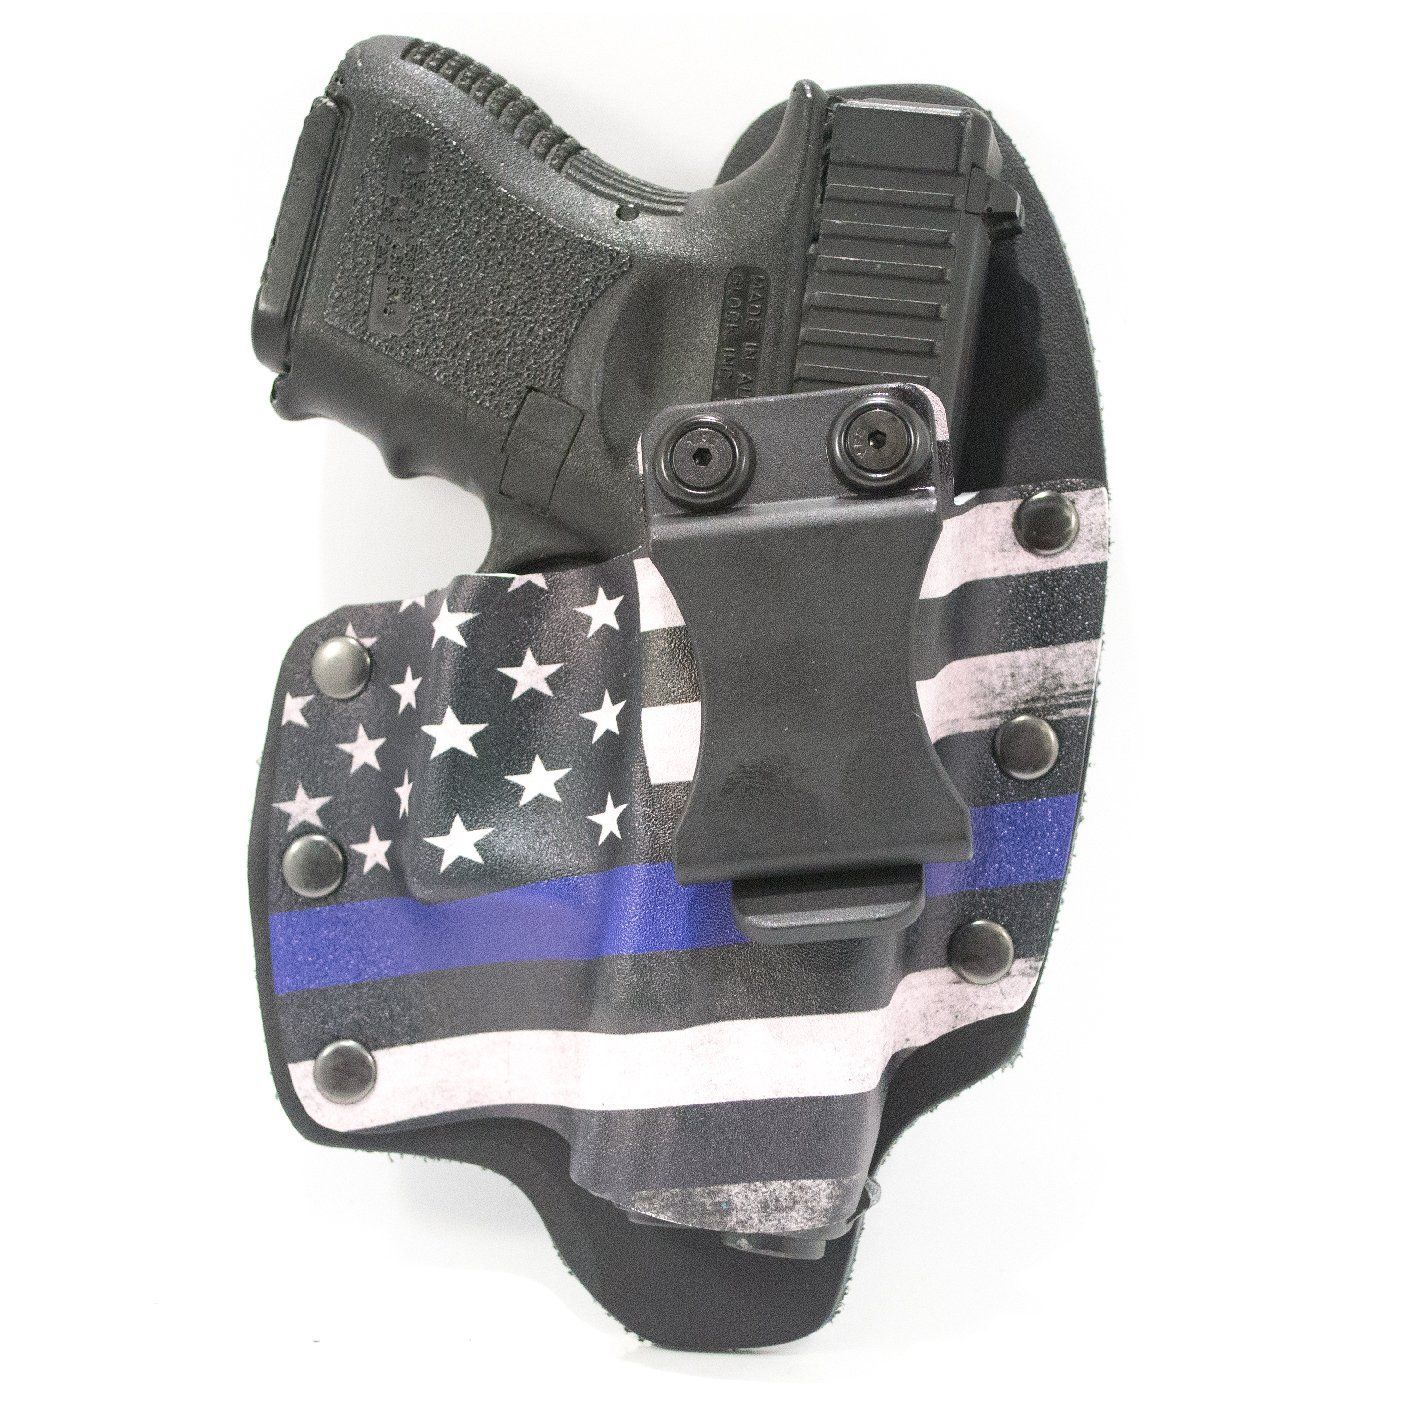 IWB Hybrid Kydex Holster Thin Blue Line for GLOCK Handguns